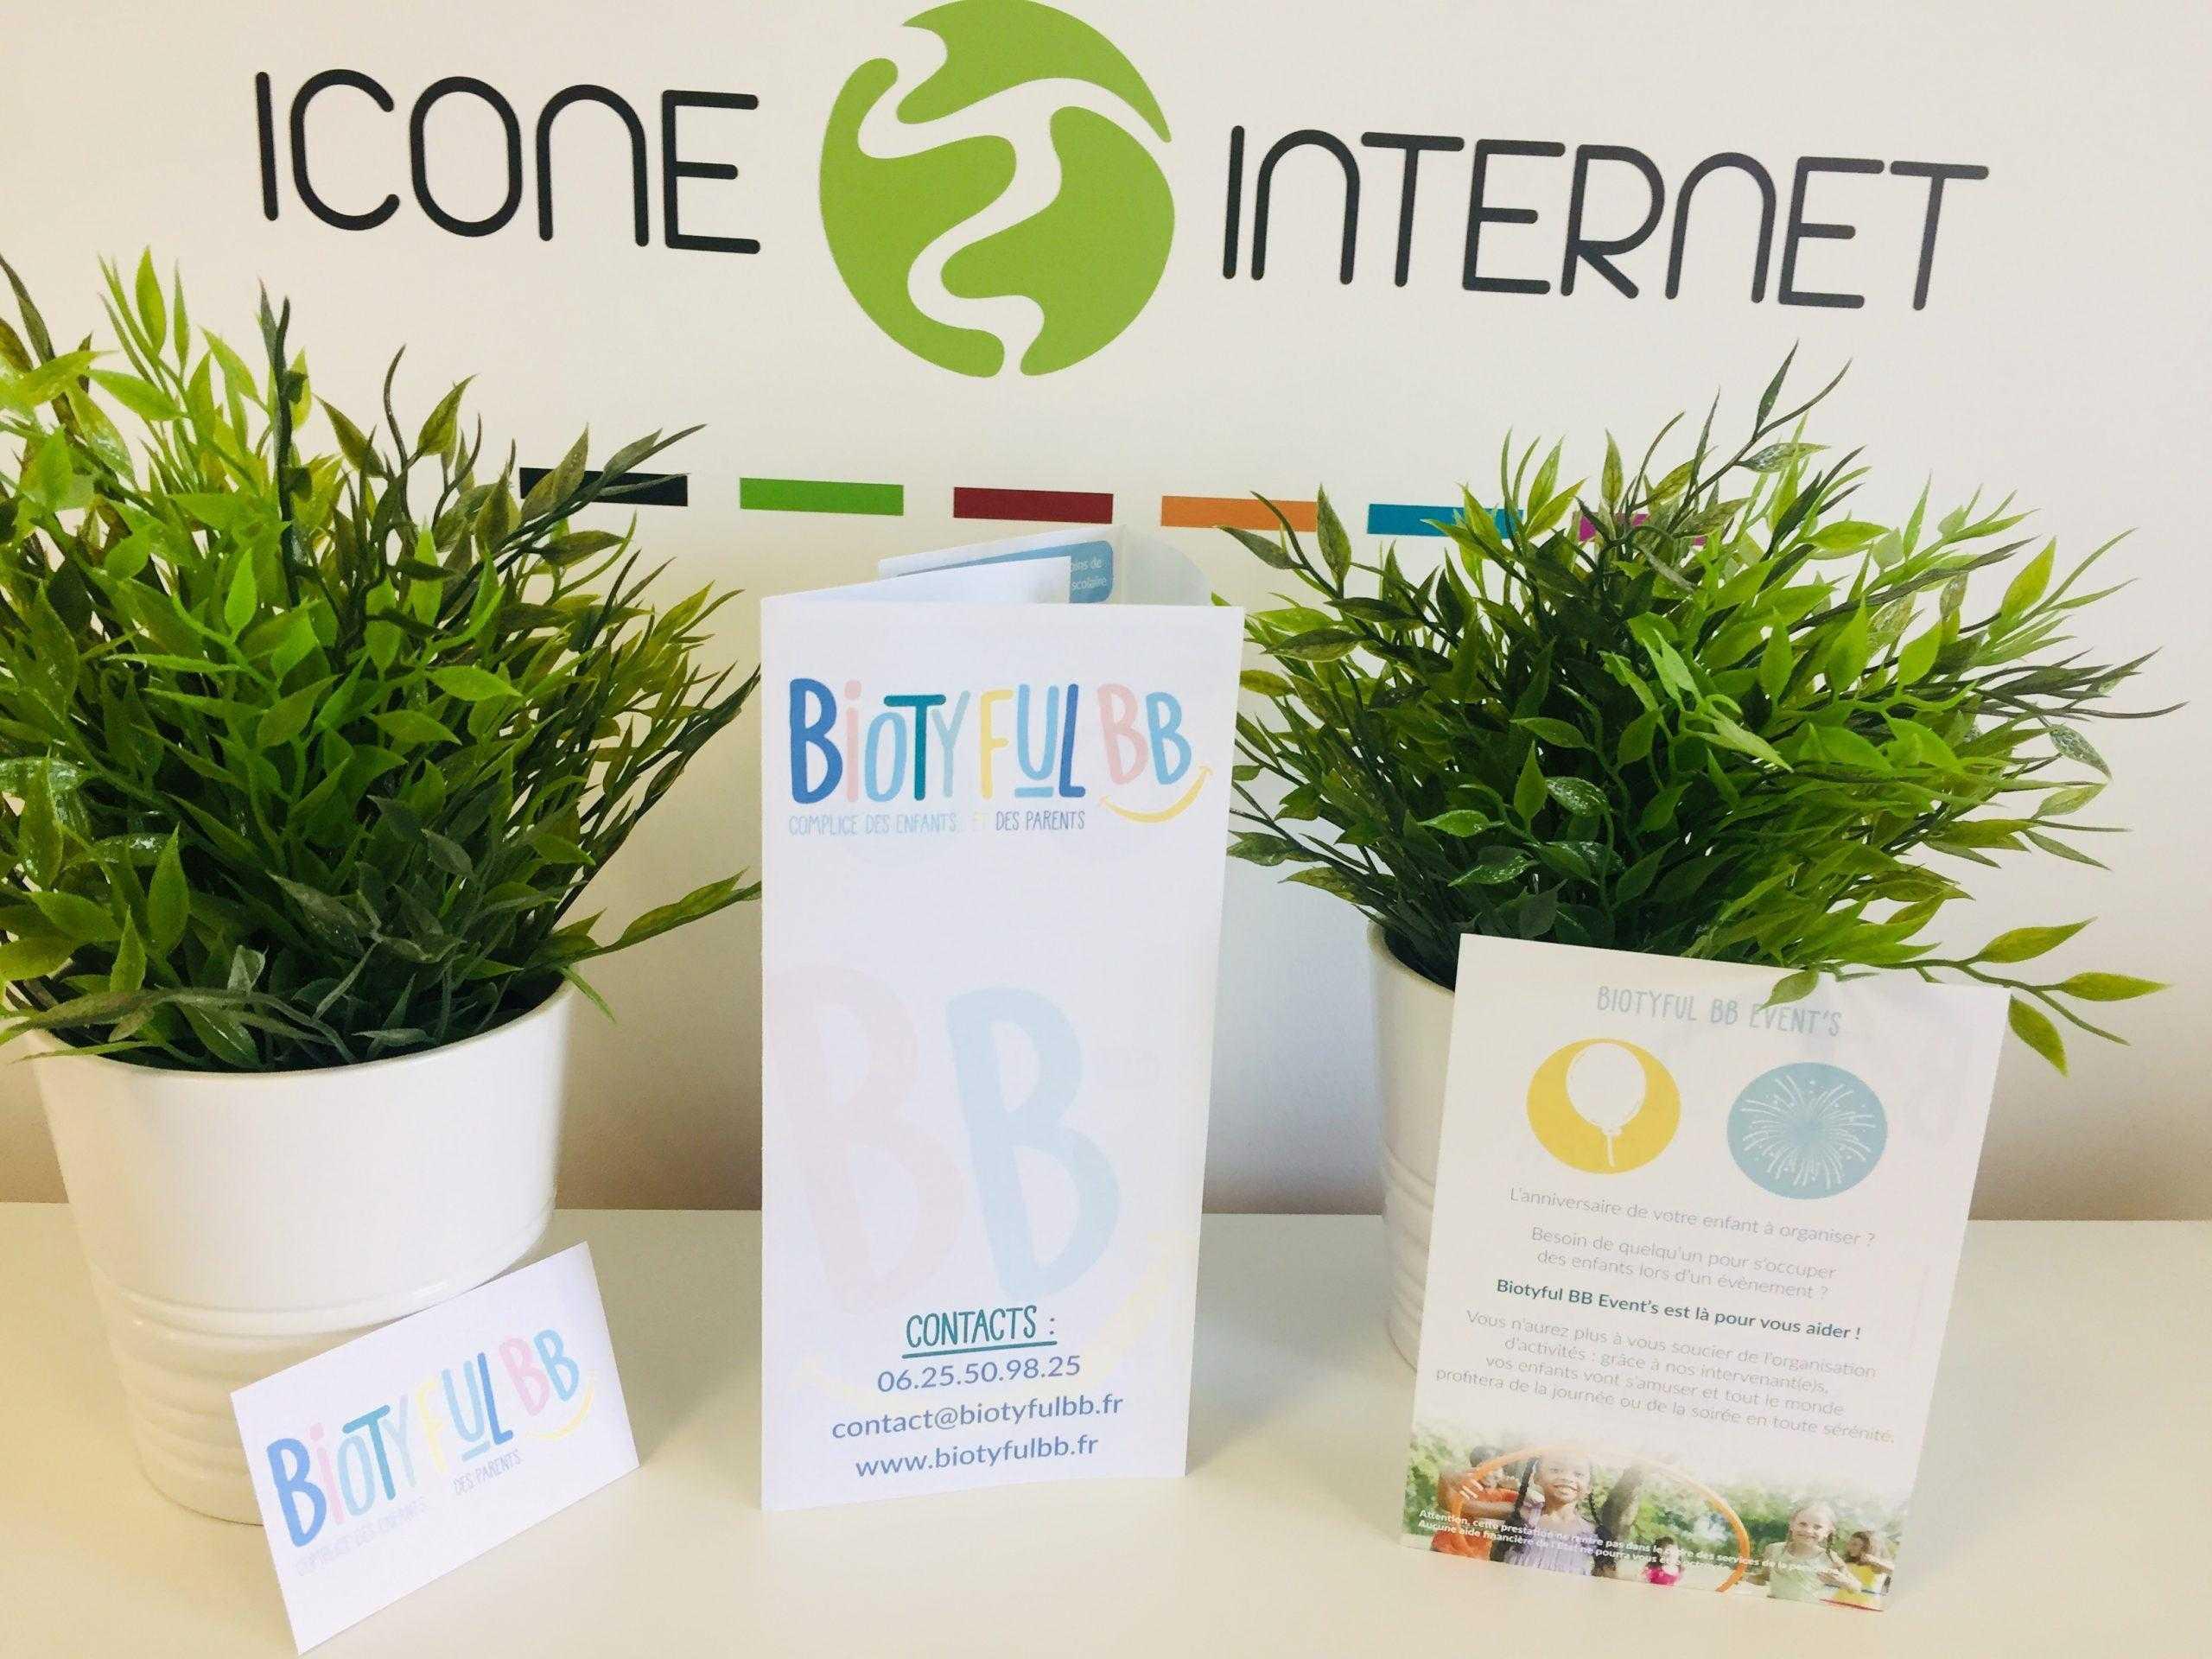 Cartes de visite et flyers pochettes rabats service icone internet